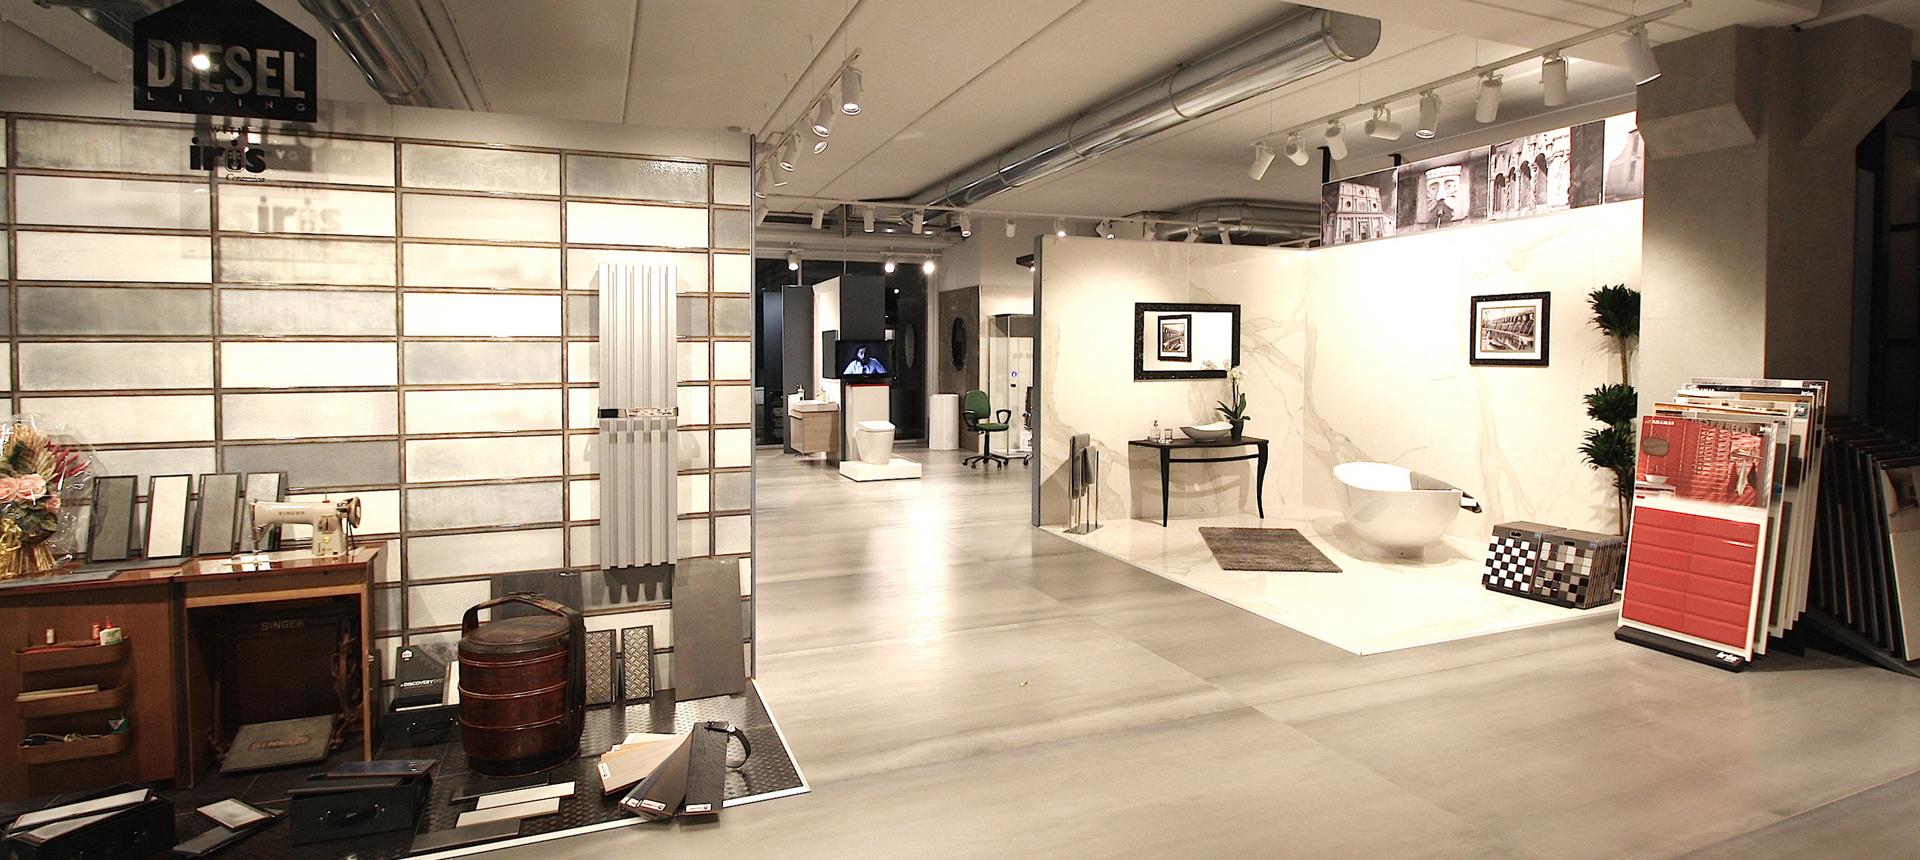 Corti showroom ceramica e arredobagno for Showroom arredo bagno